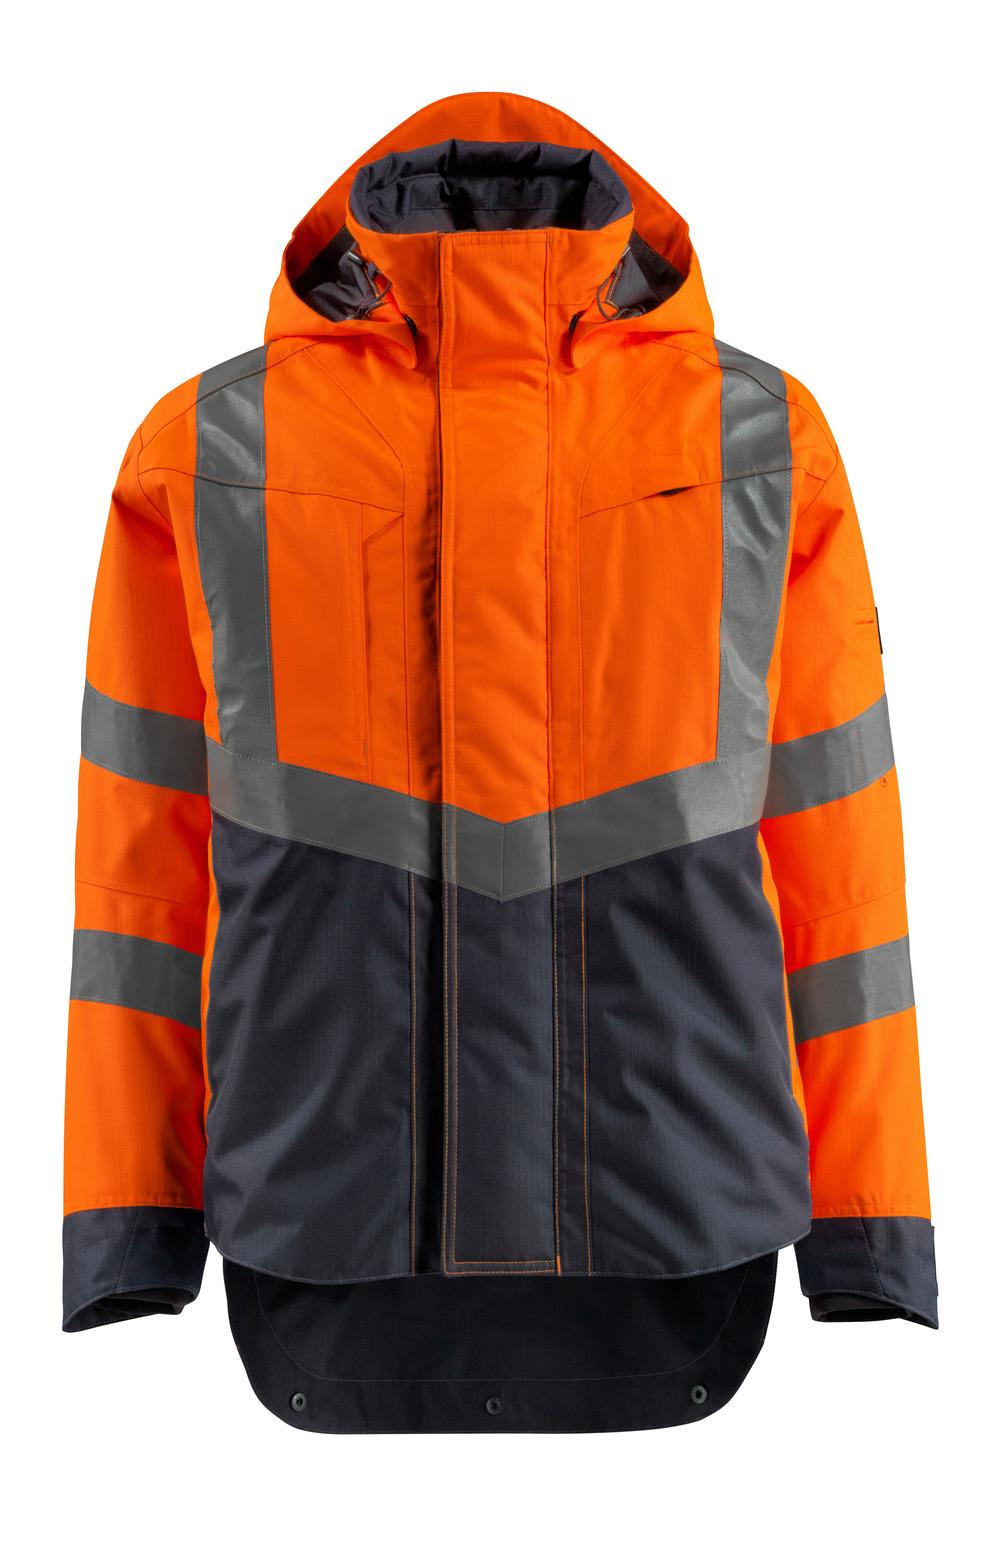 15501-231-14010 Outer Shell Jacket - hi-vis orange/dark navy